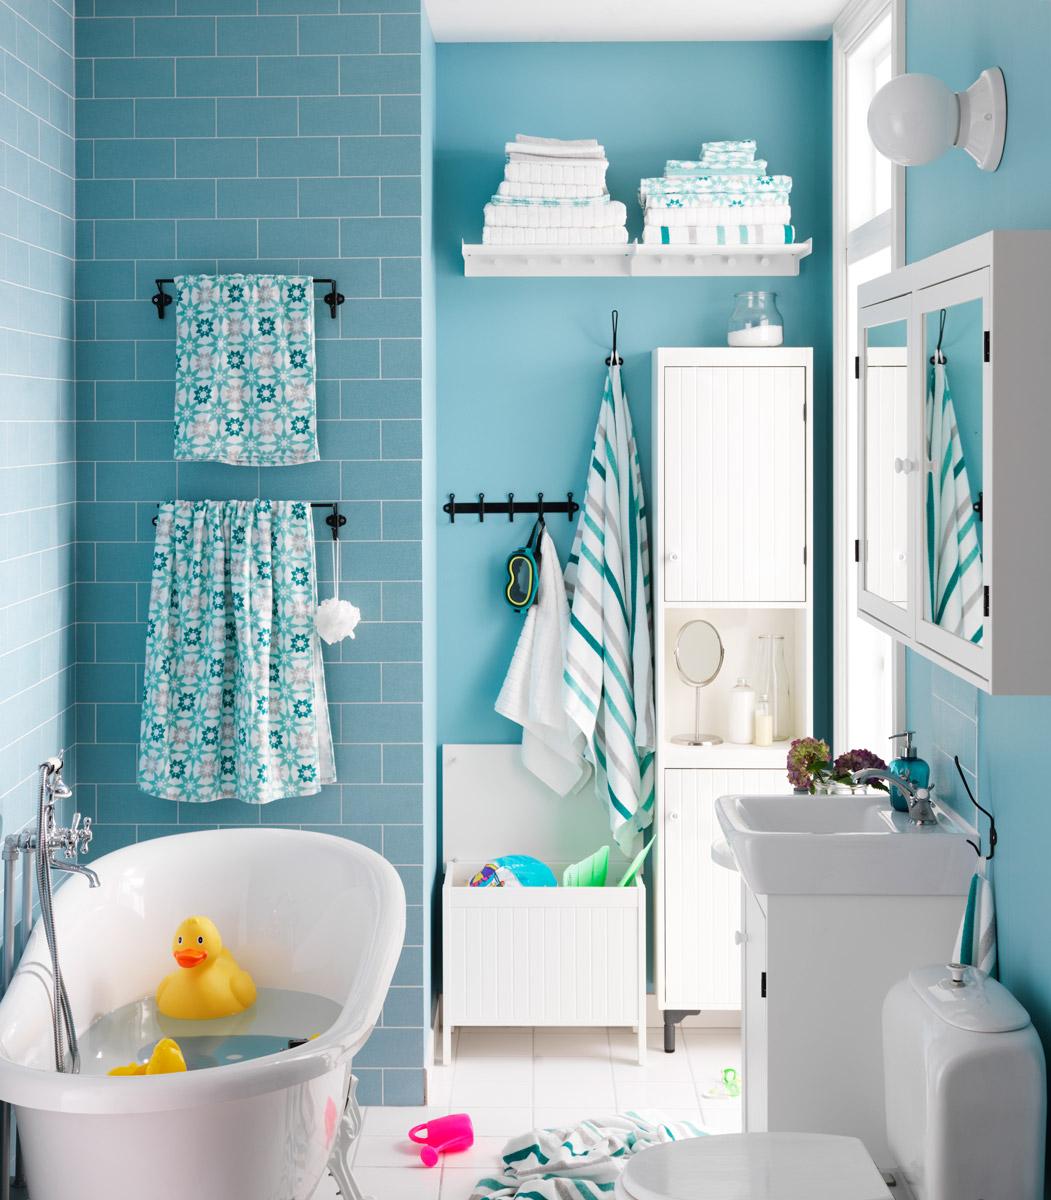 cuartos de baño pequeños - tonalidades claras